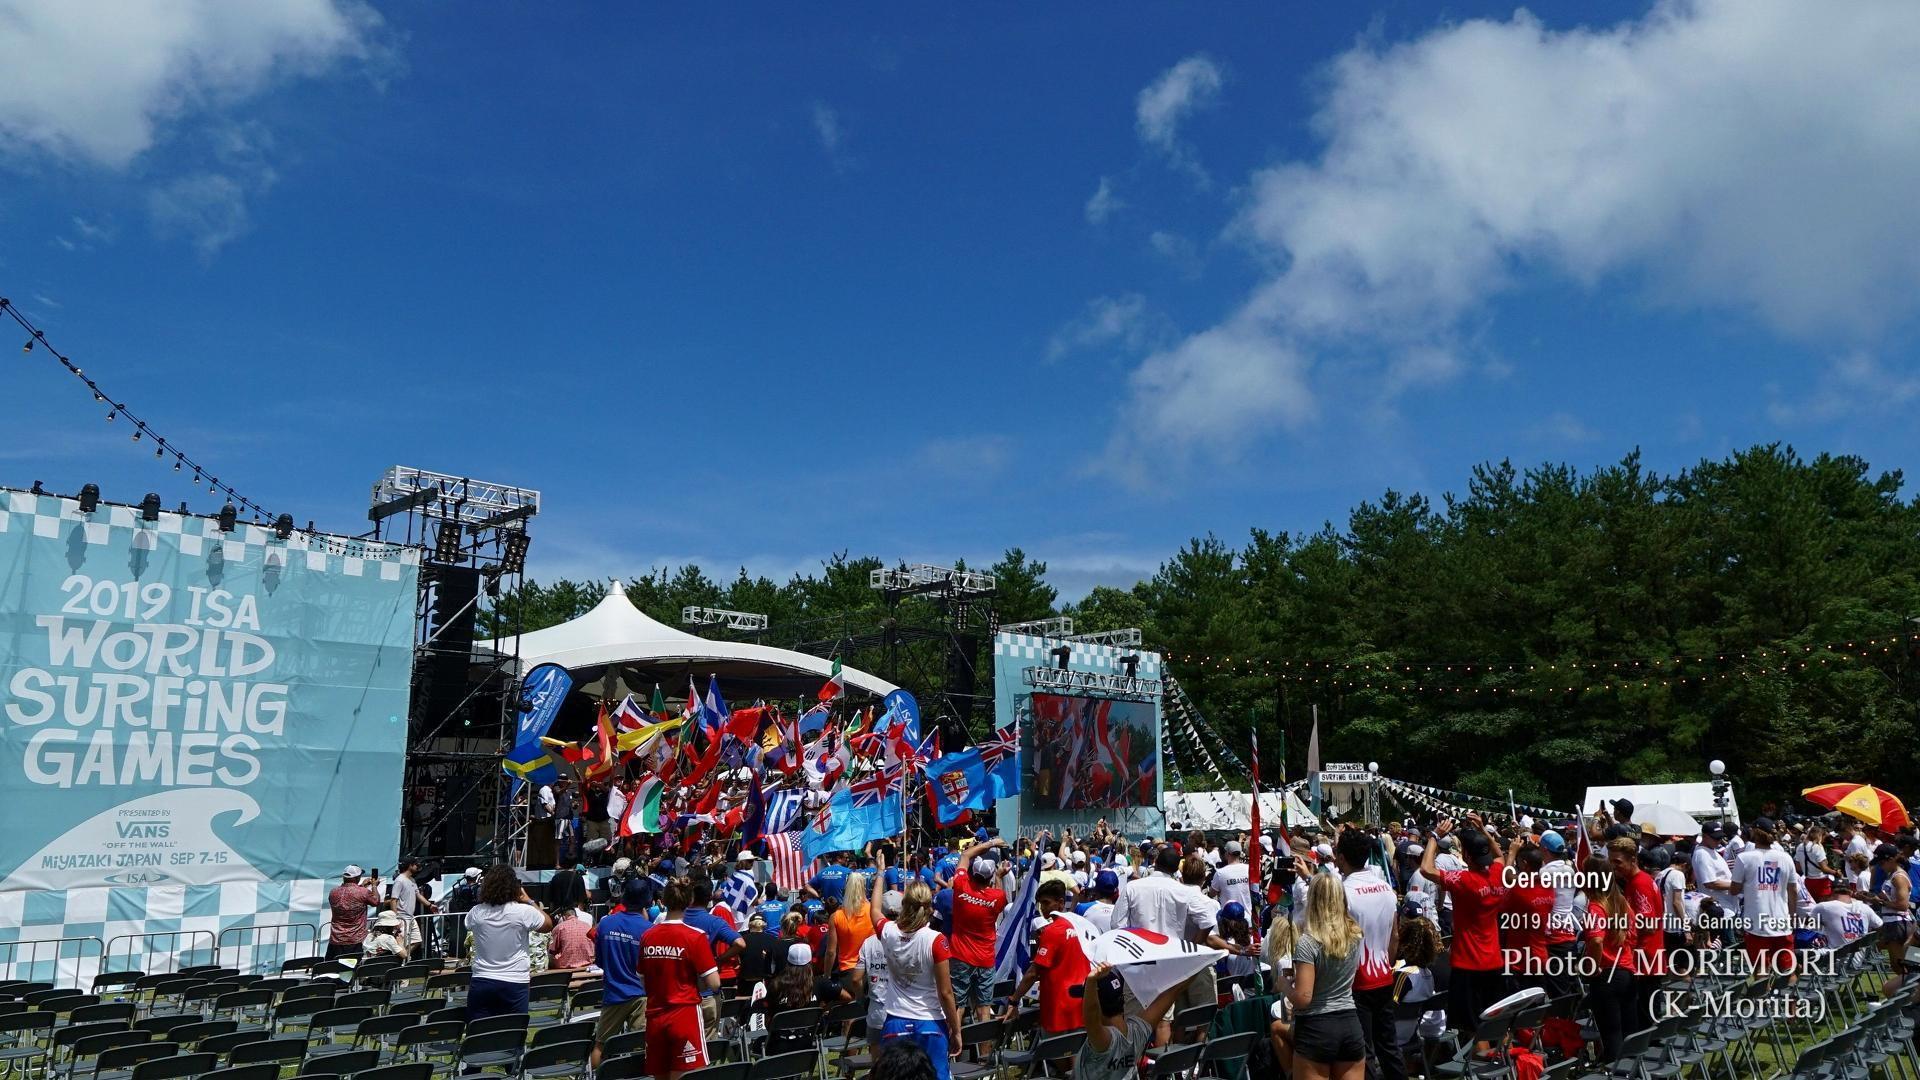 宮崎 サーフィン 世界 大会